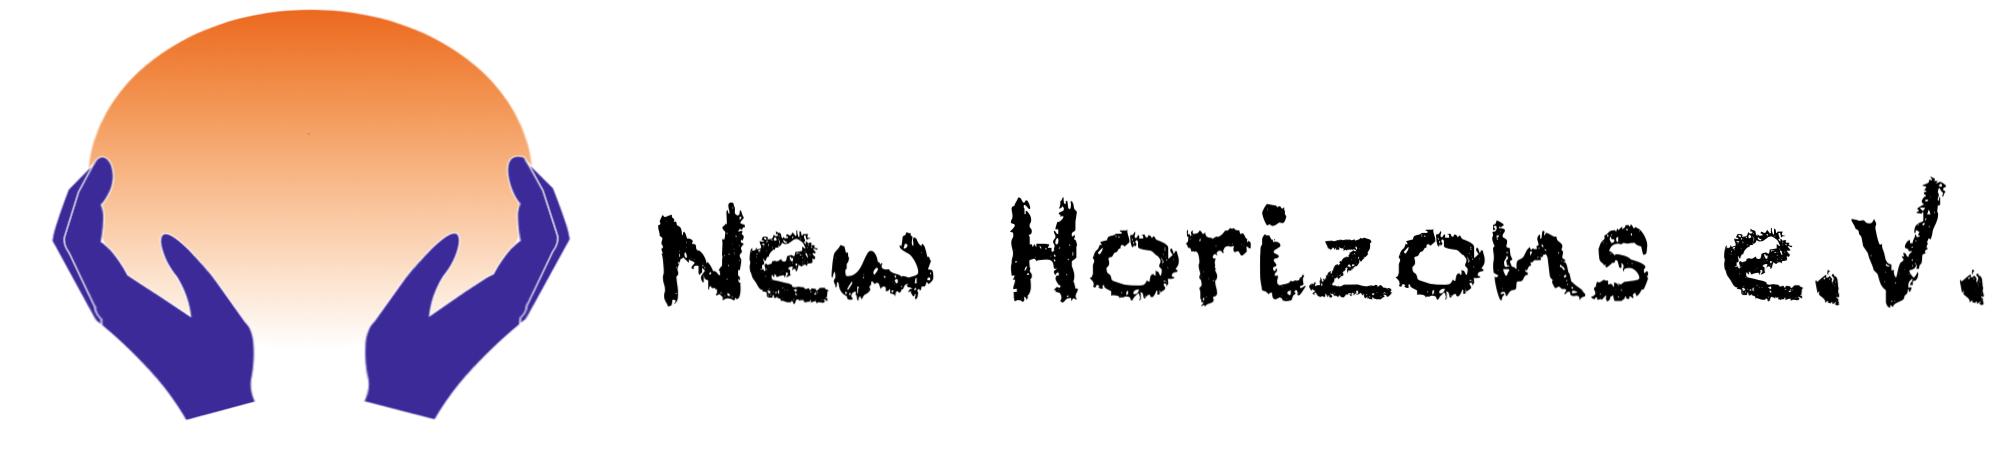 newhorizons